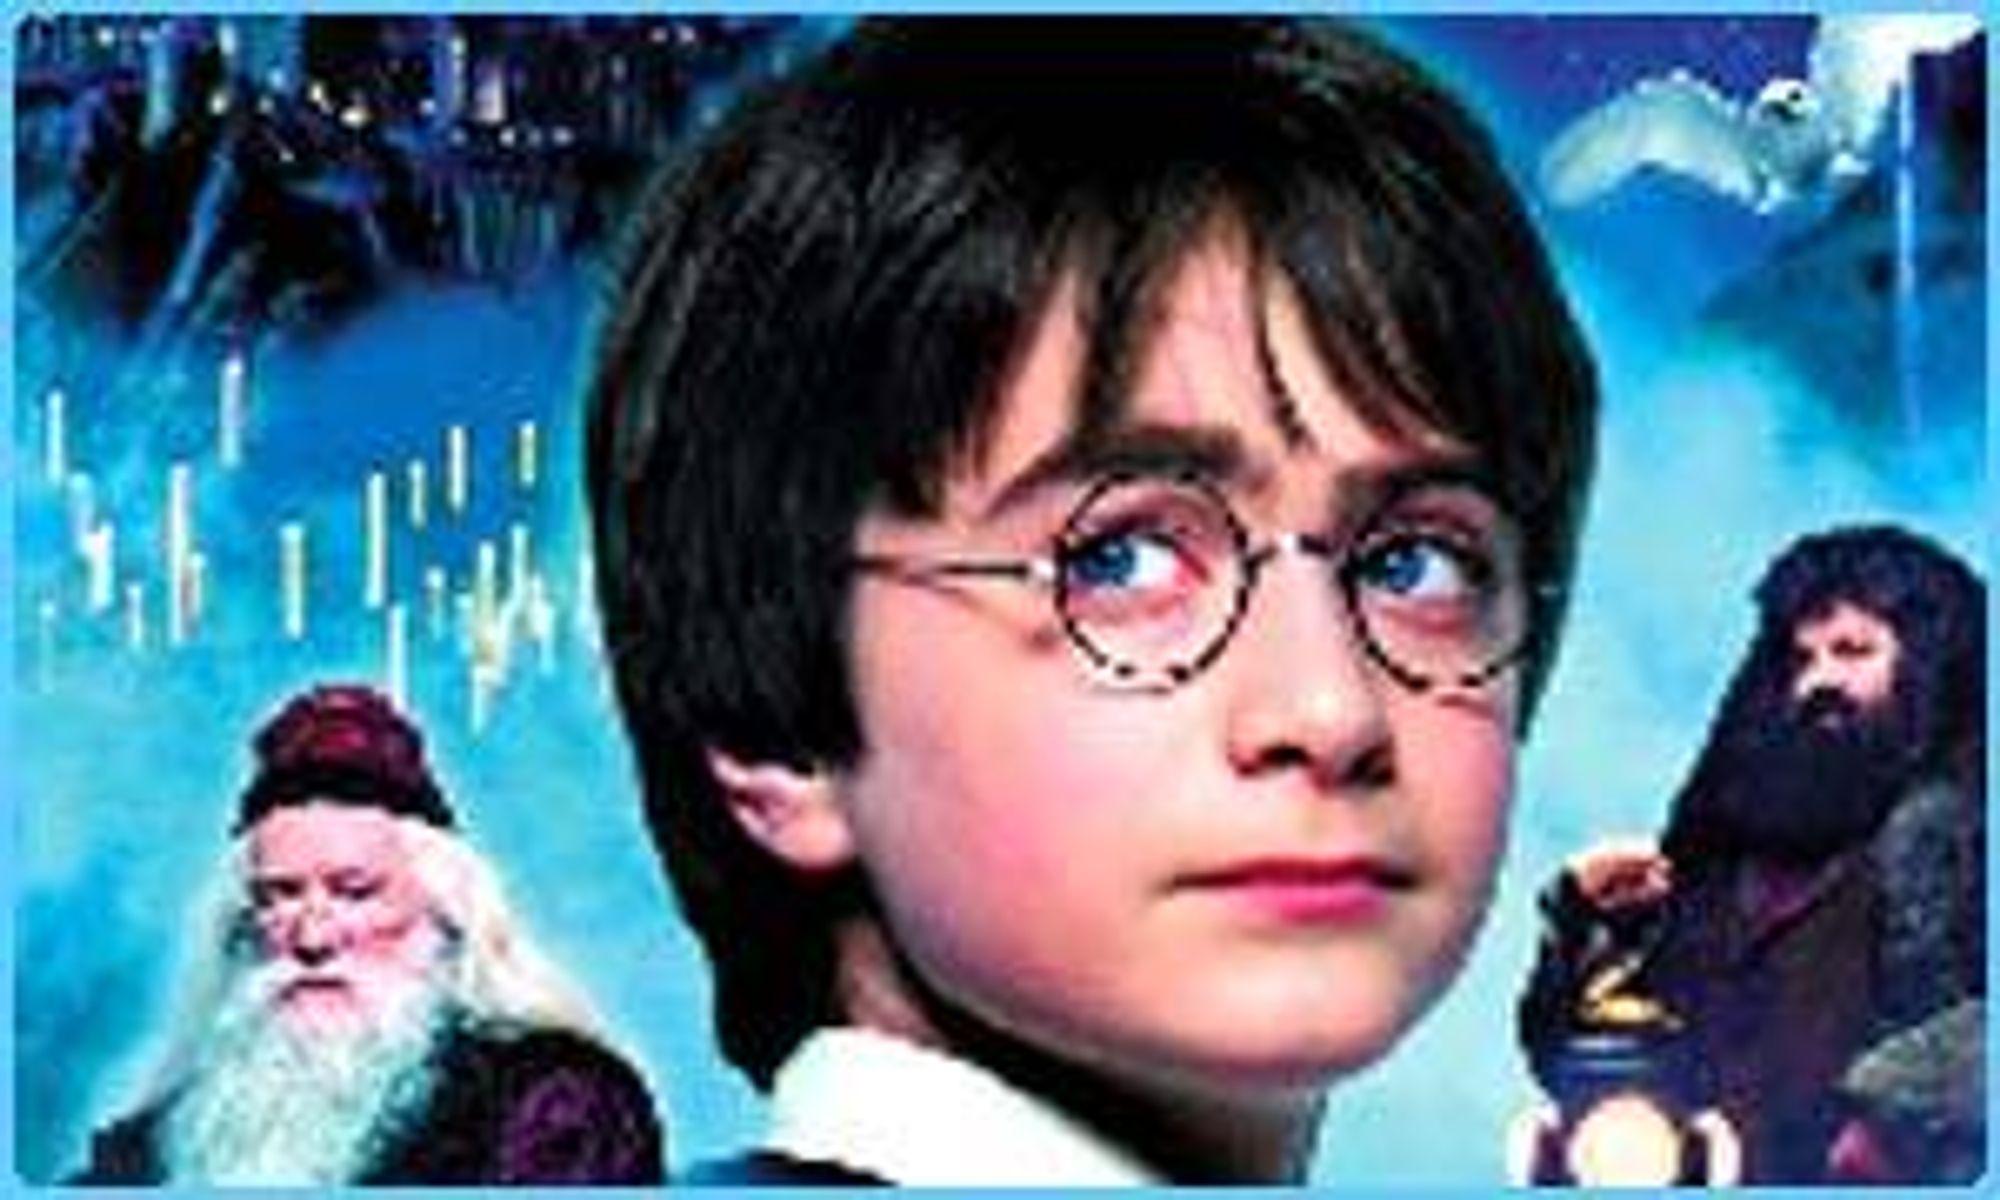 VIDEO ON DEMAND: Harry Potter-filmene kan nå bestilles direkte til TV-en fra videoserveren til iVisjon. Filmen har samme kvalitet som en DVD-film.